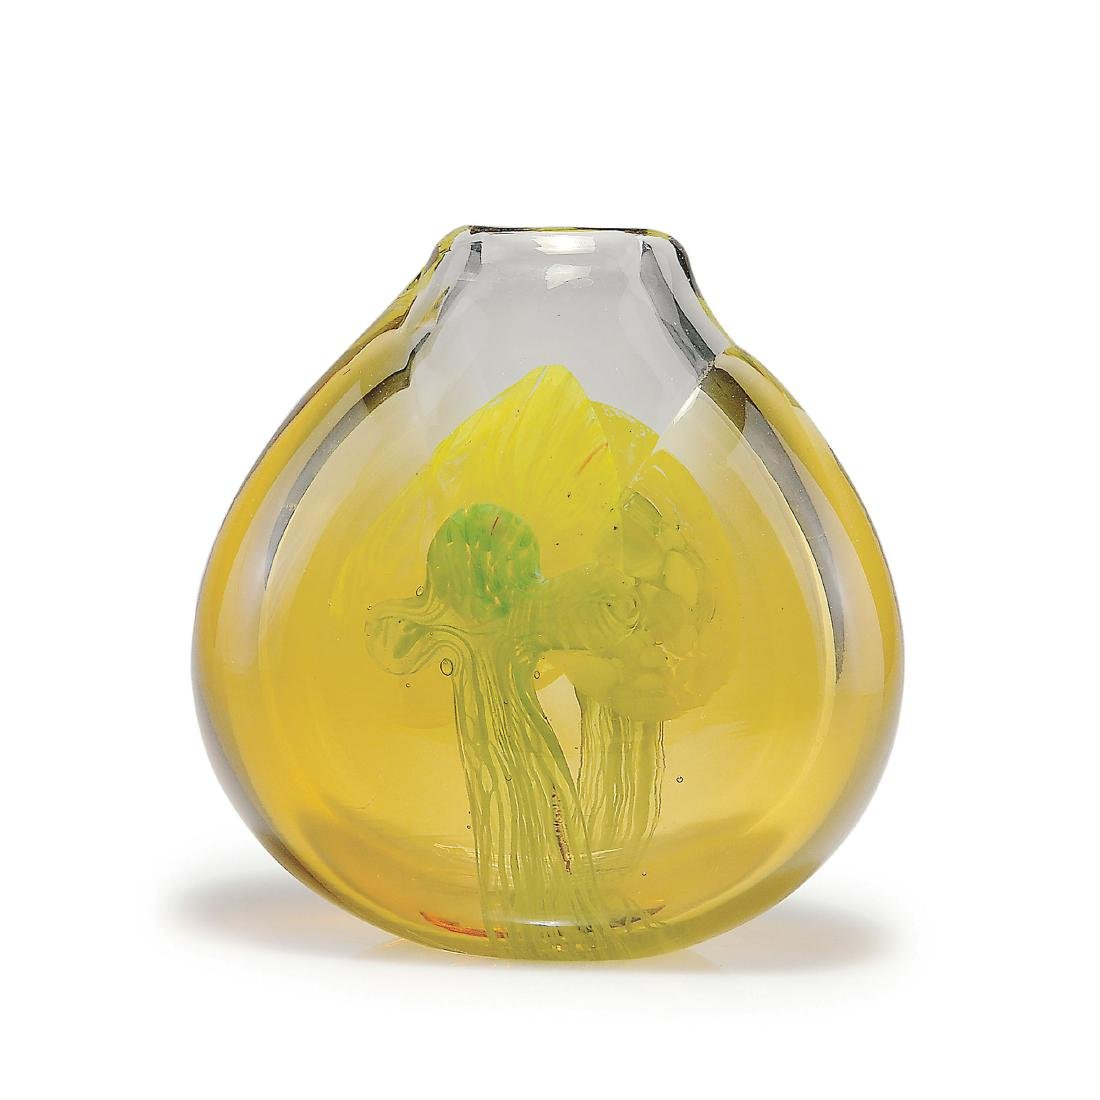 Vase, c. 1974